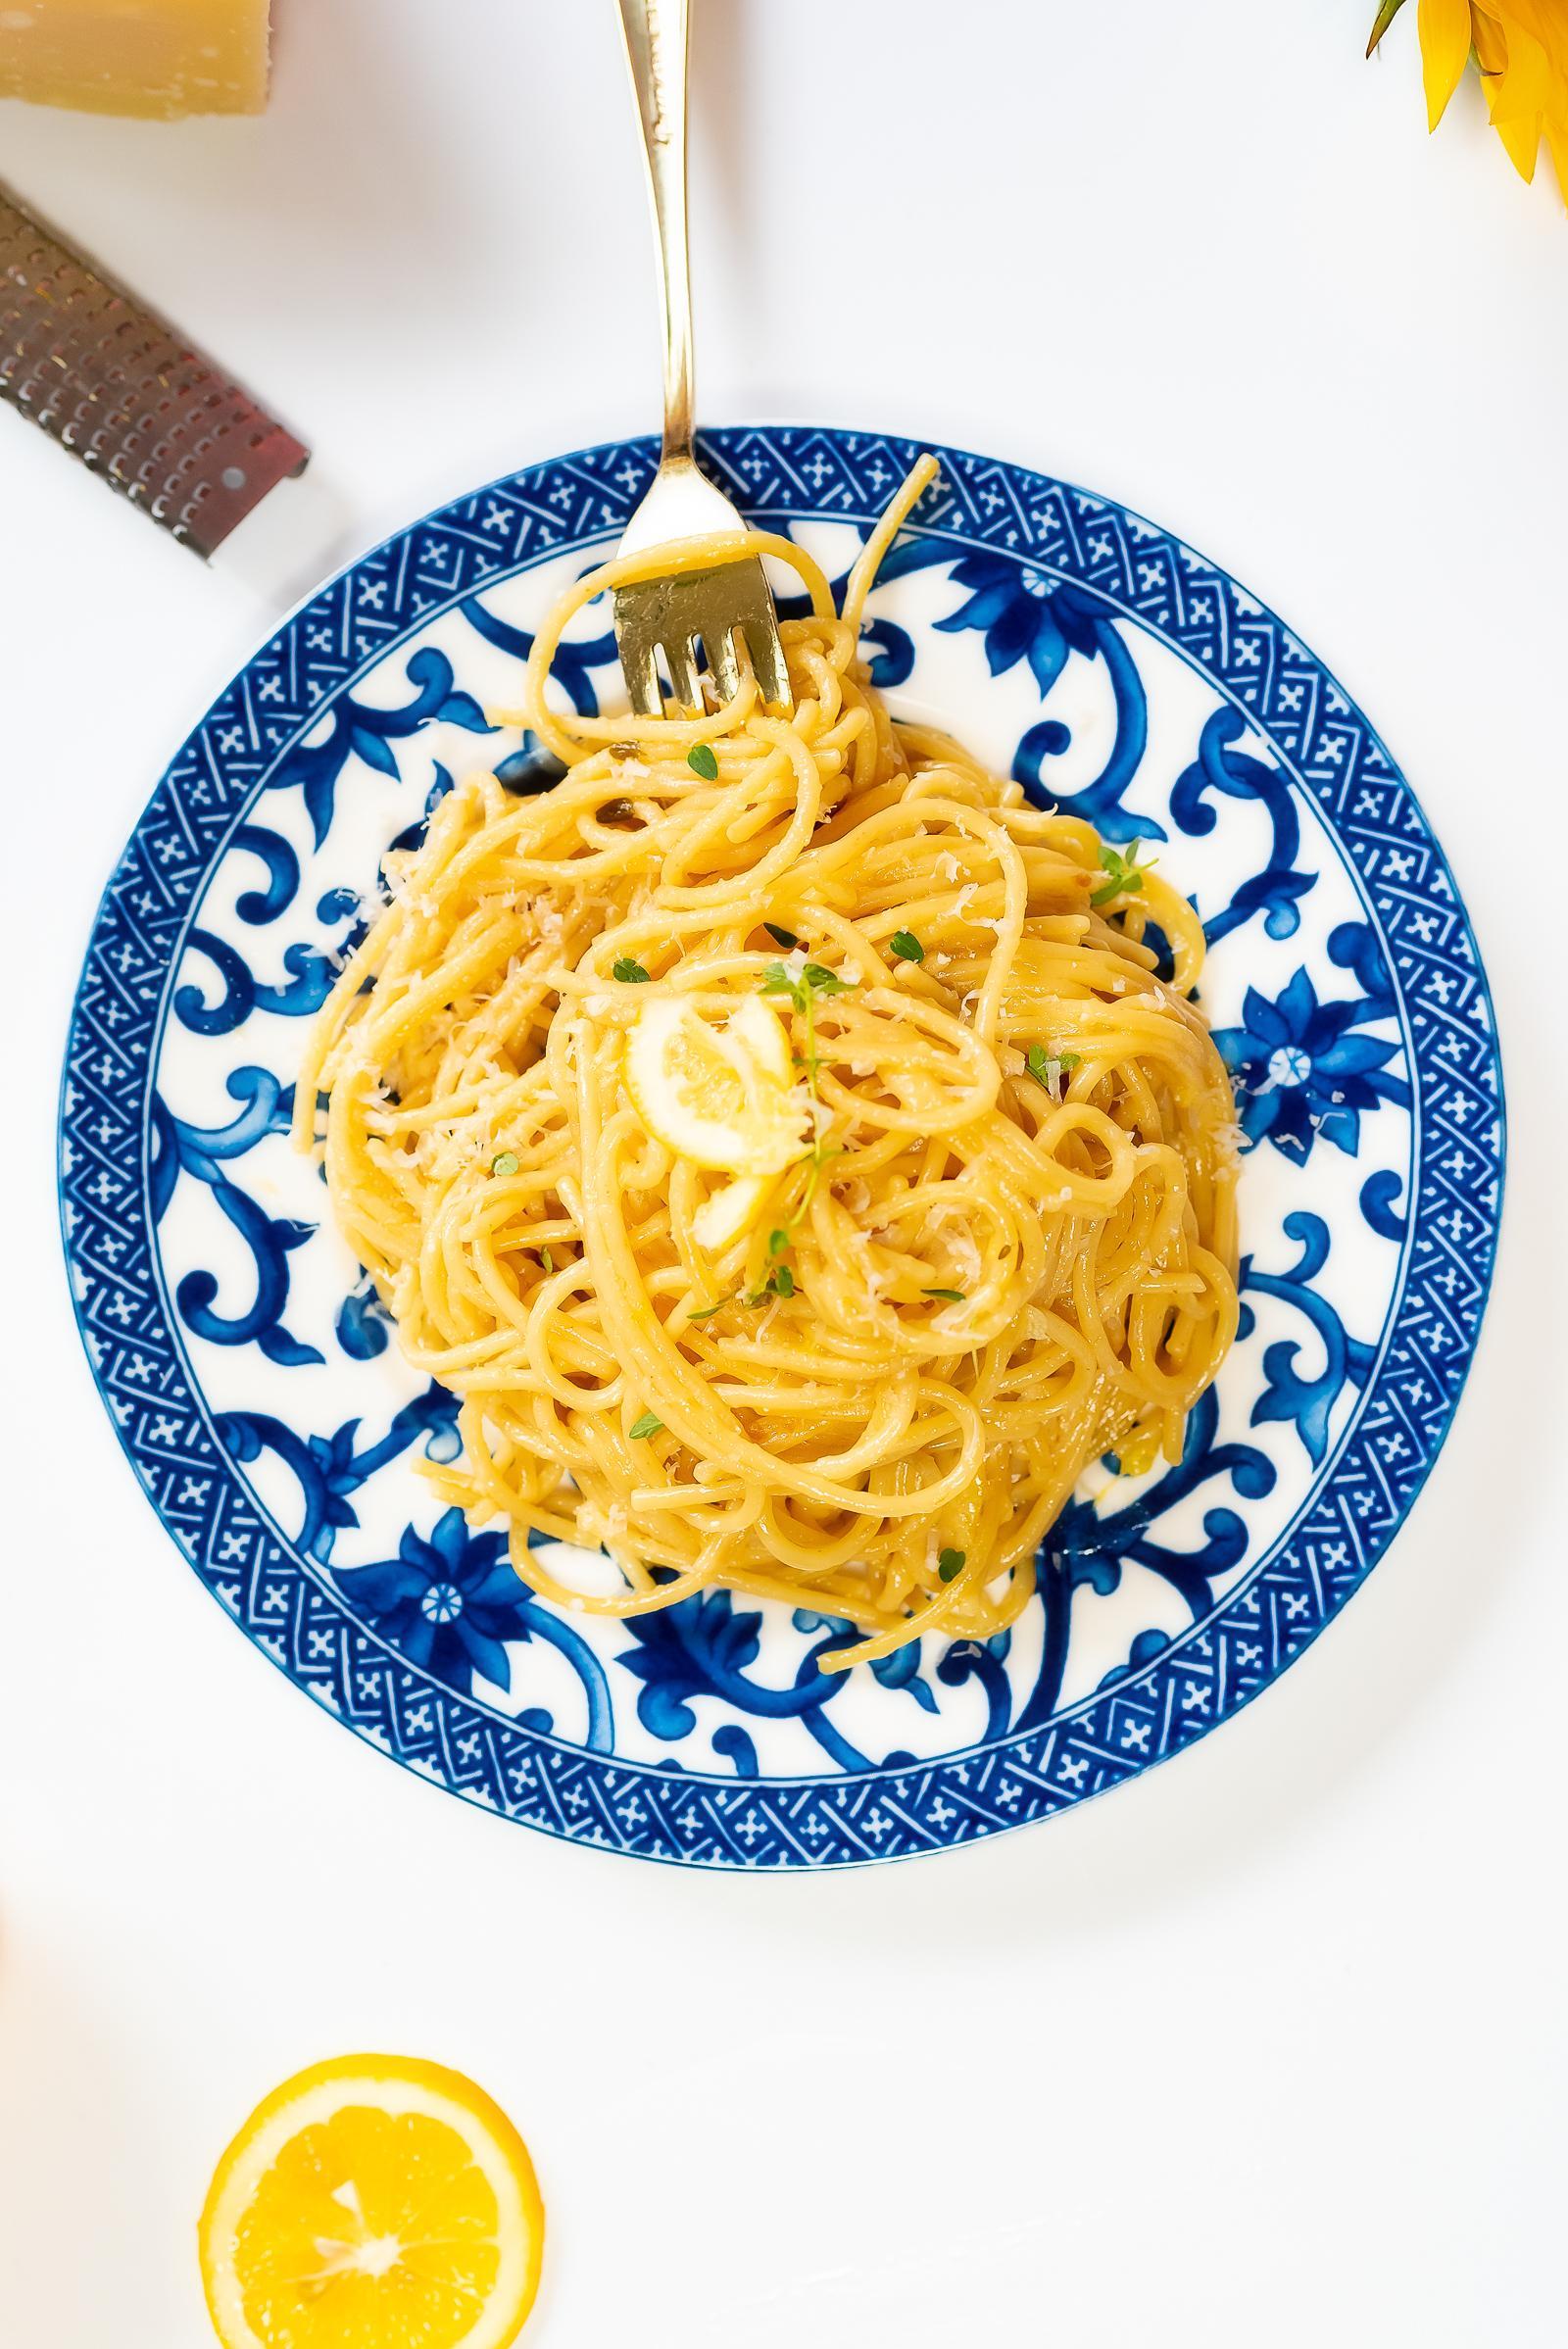 Instant Pot Lemon Parmesan Pasta Recipe